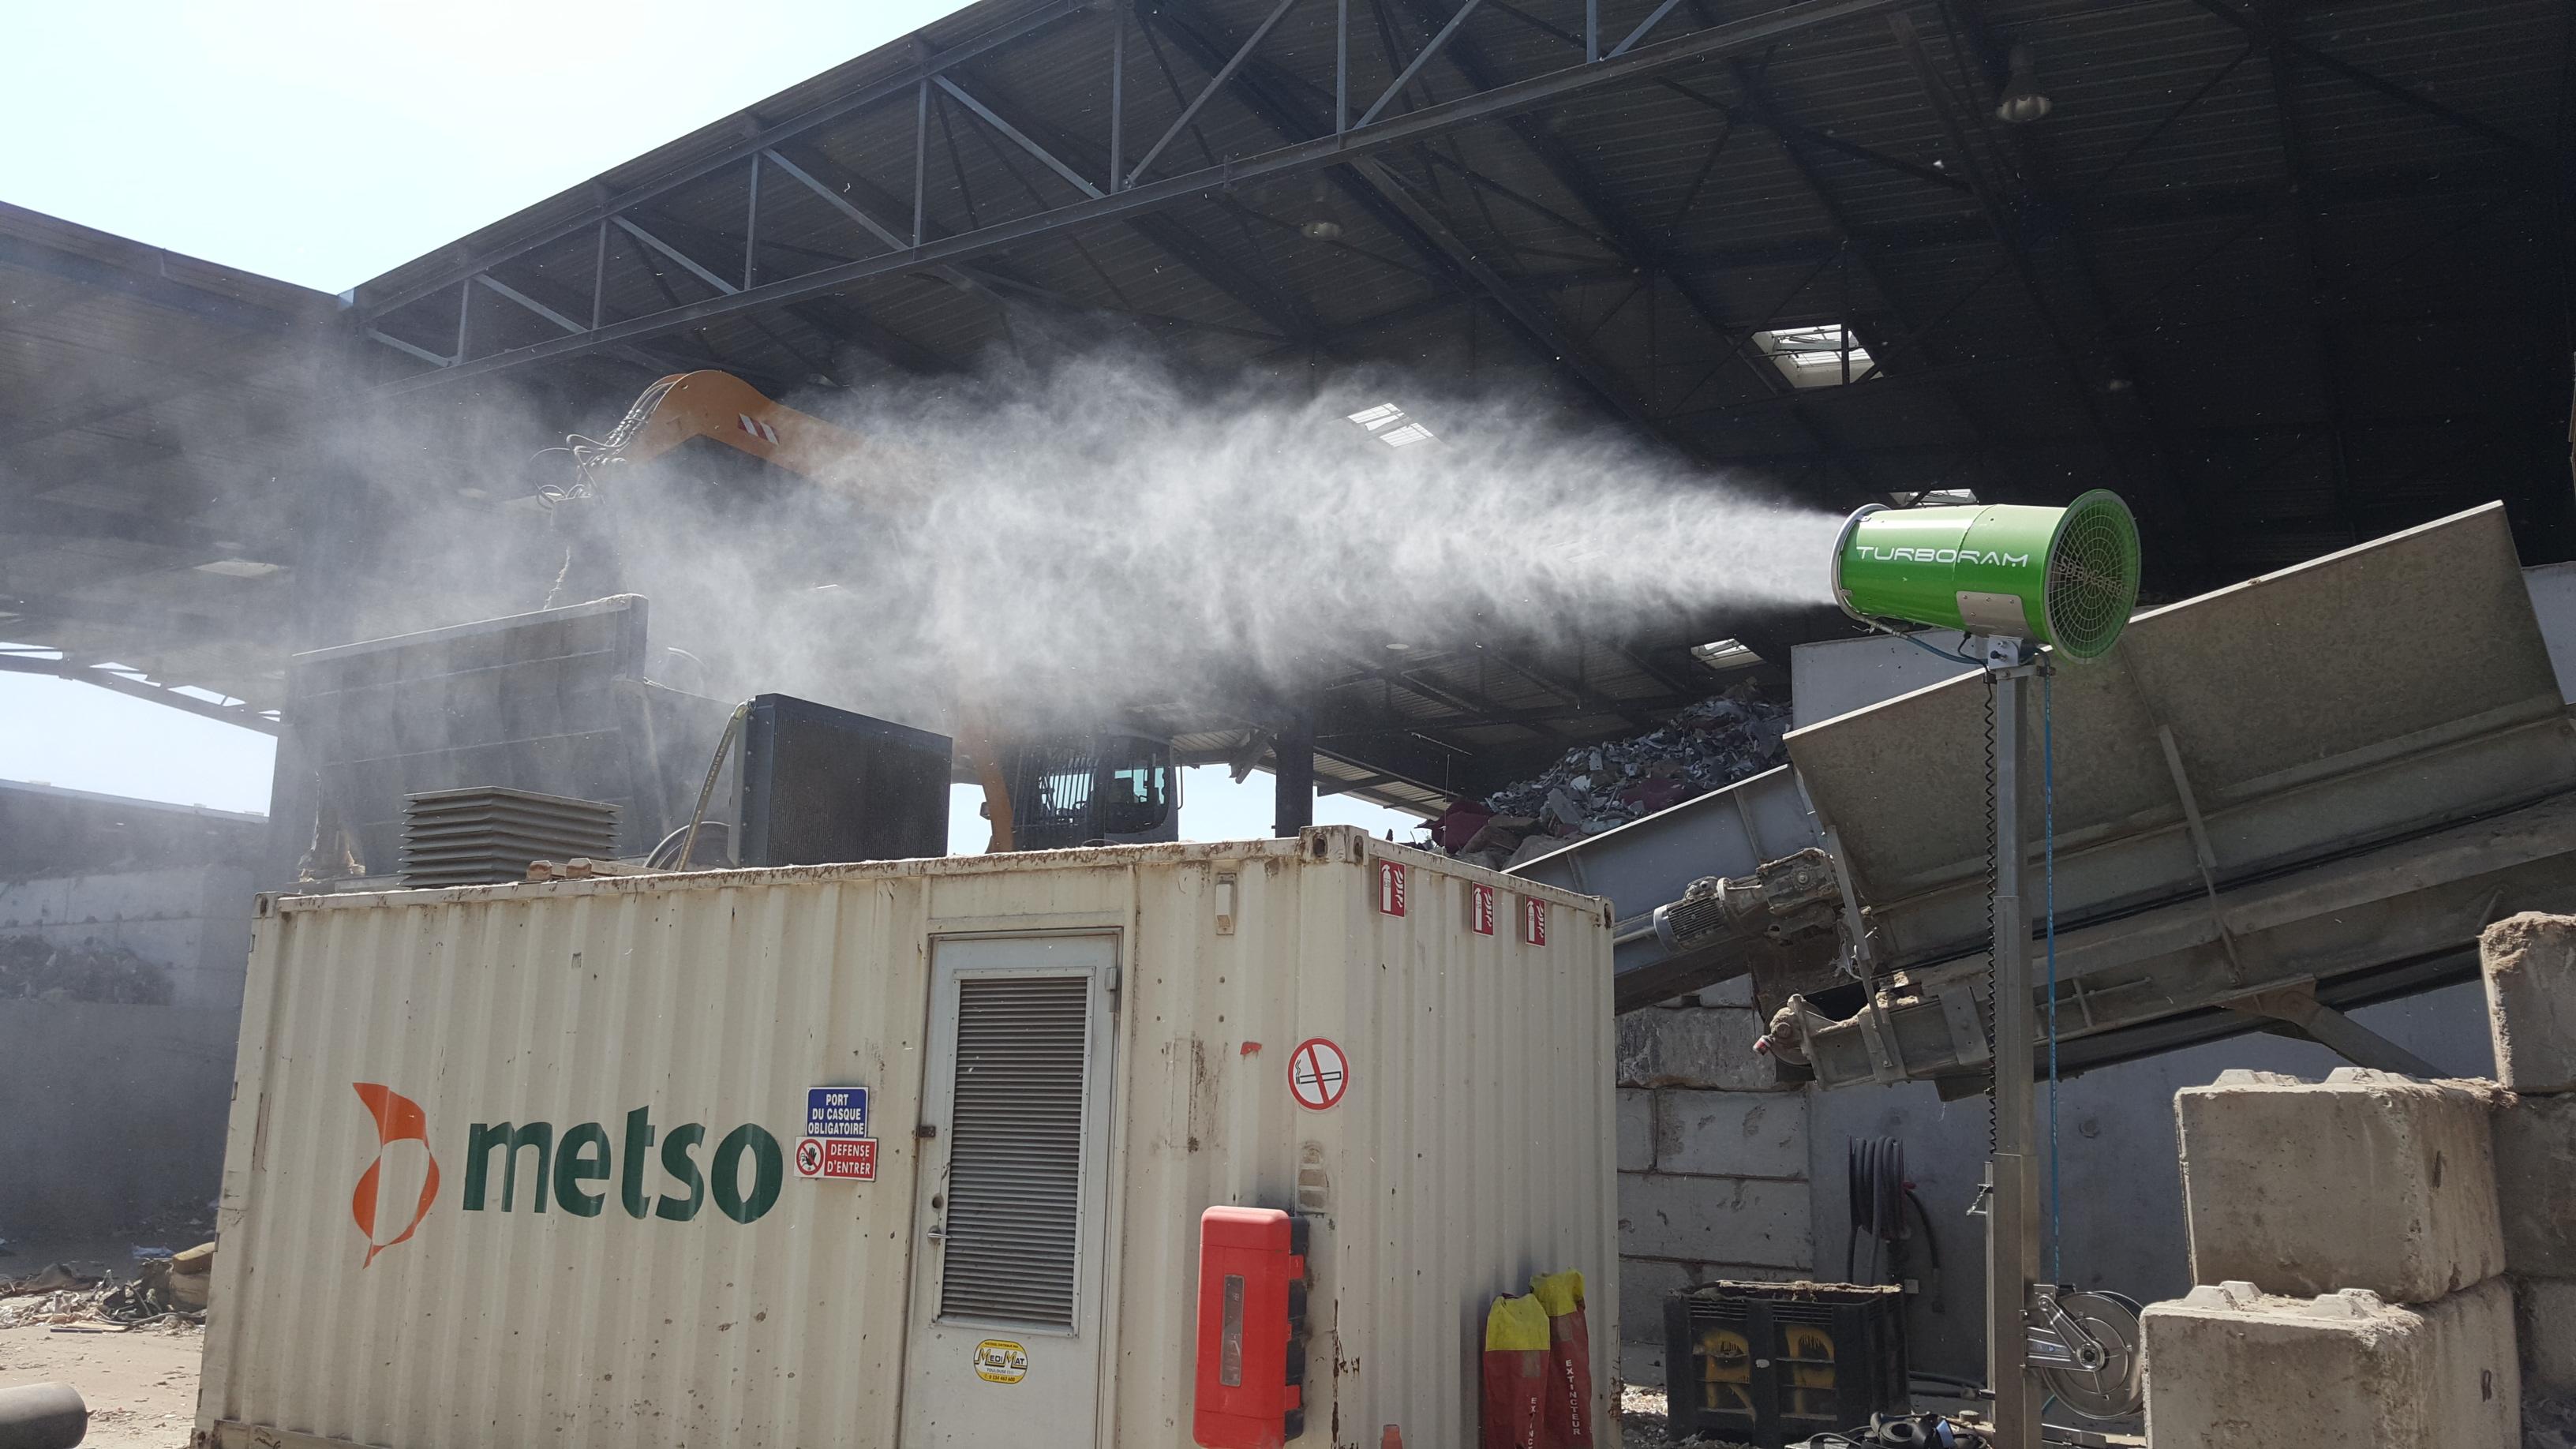 Le TURBORAM TRD40-MT est un brumisateur principalement destiné aux travaux de démolition, de dépollution, au BTP, et aux activités de recyclage. Mât